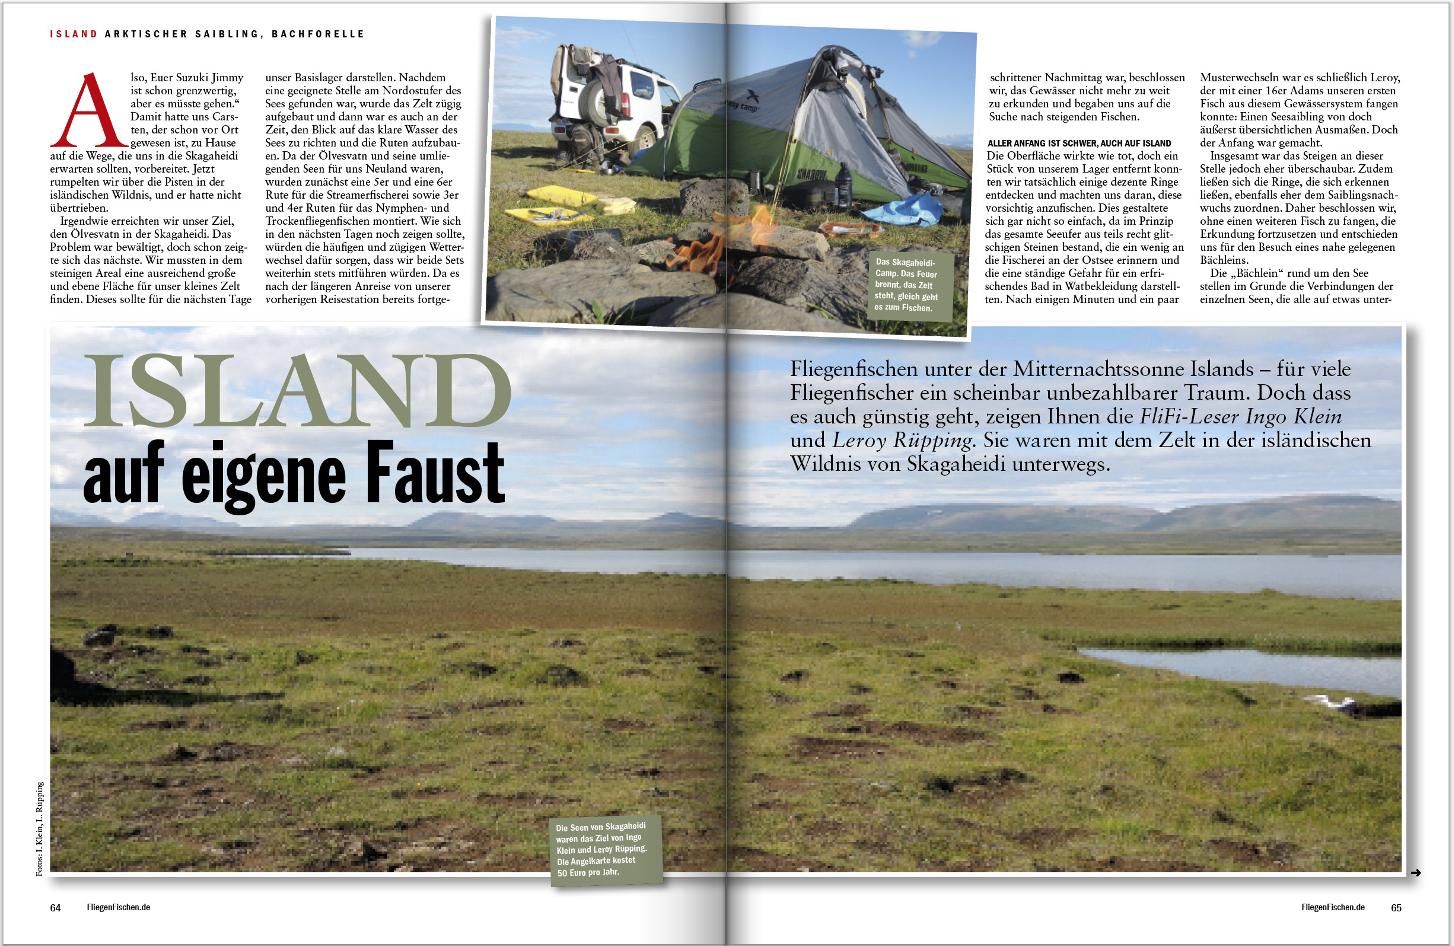 """Zwei FliegenFischen-Leser waren auf eigene Faust auf Island unterwegs, um Forellen und Saiblinge zur fangen. Wie es lief, dass erfahren Sie in FliegenFischen Spezial """"Reise""""."""